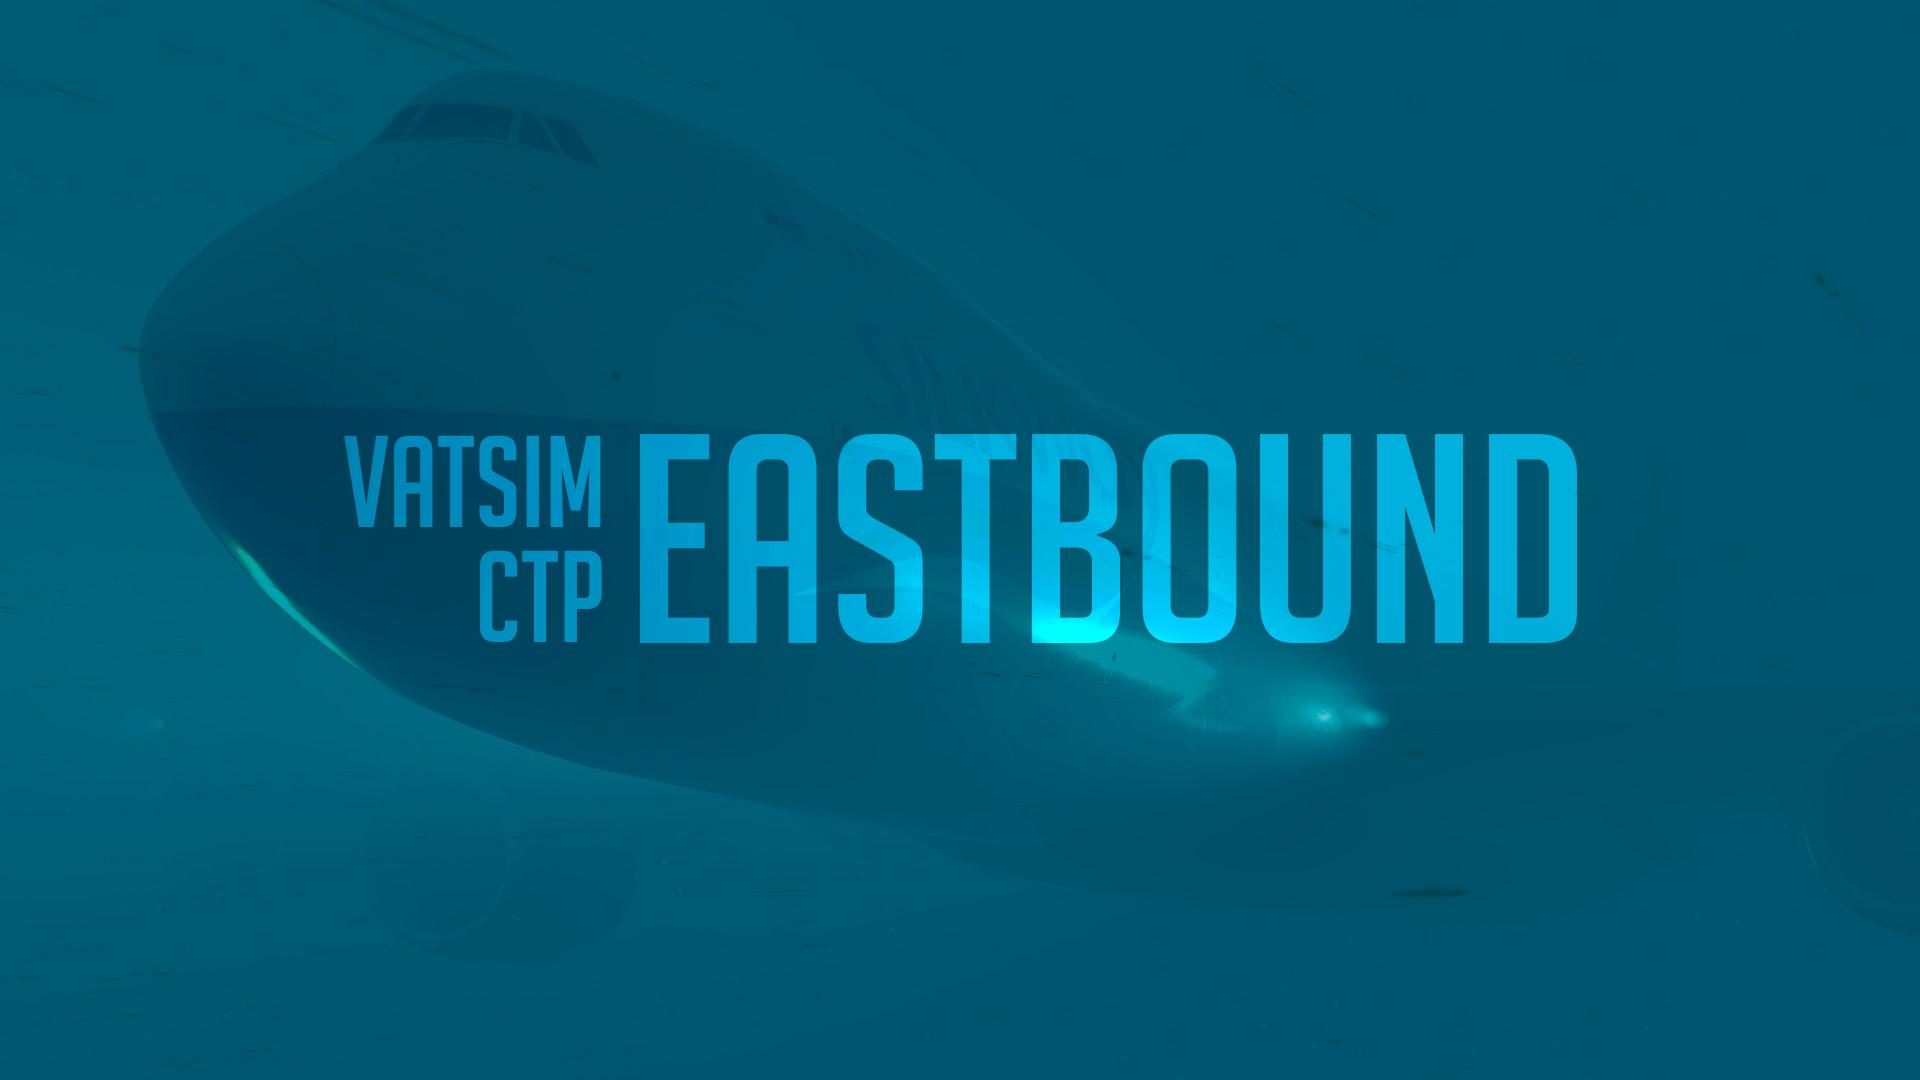 Ctpeastbound2018 Banner